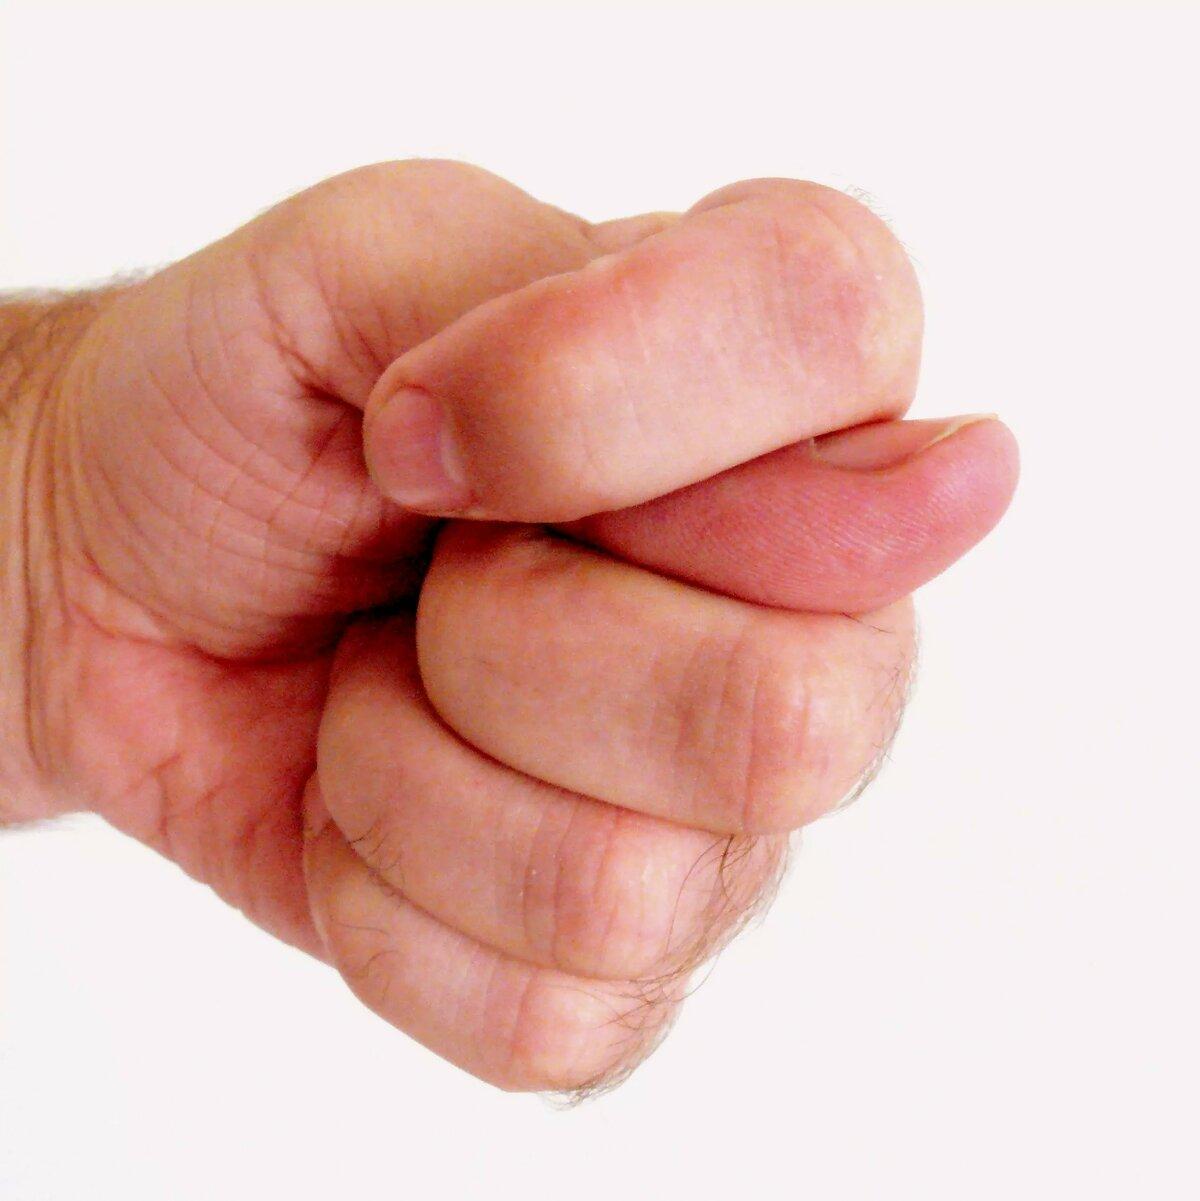 картинка фига сложенного из пальцев сейчас активно